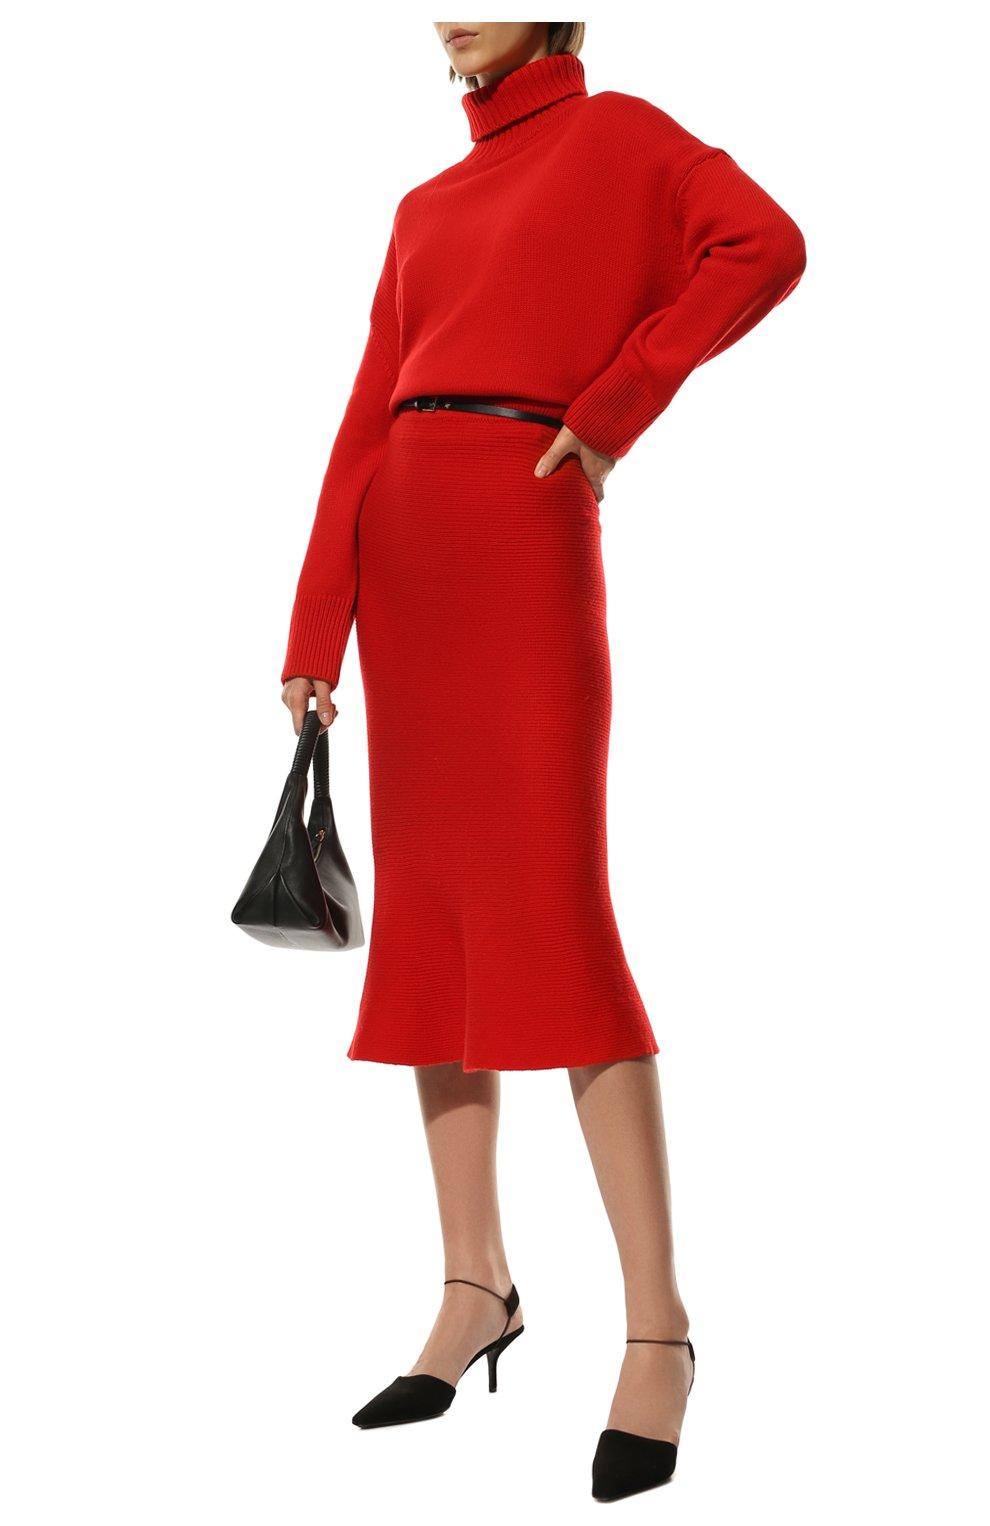 Женская кашемировая юбка ADDICTED красного цвета, арт. MK922   Фото 2 (Материал внешний: Шерсть; Кросс-КТ: Трикотаж; Длина Ж (юбки, платья, шорты): Миди; Статус проверки: Проверено)